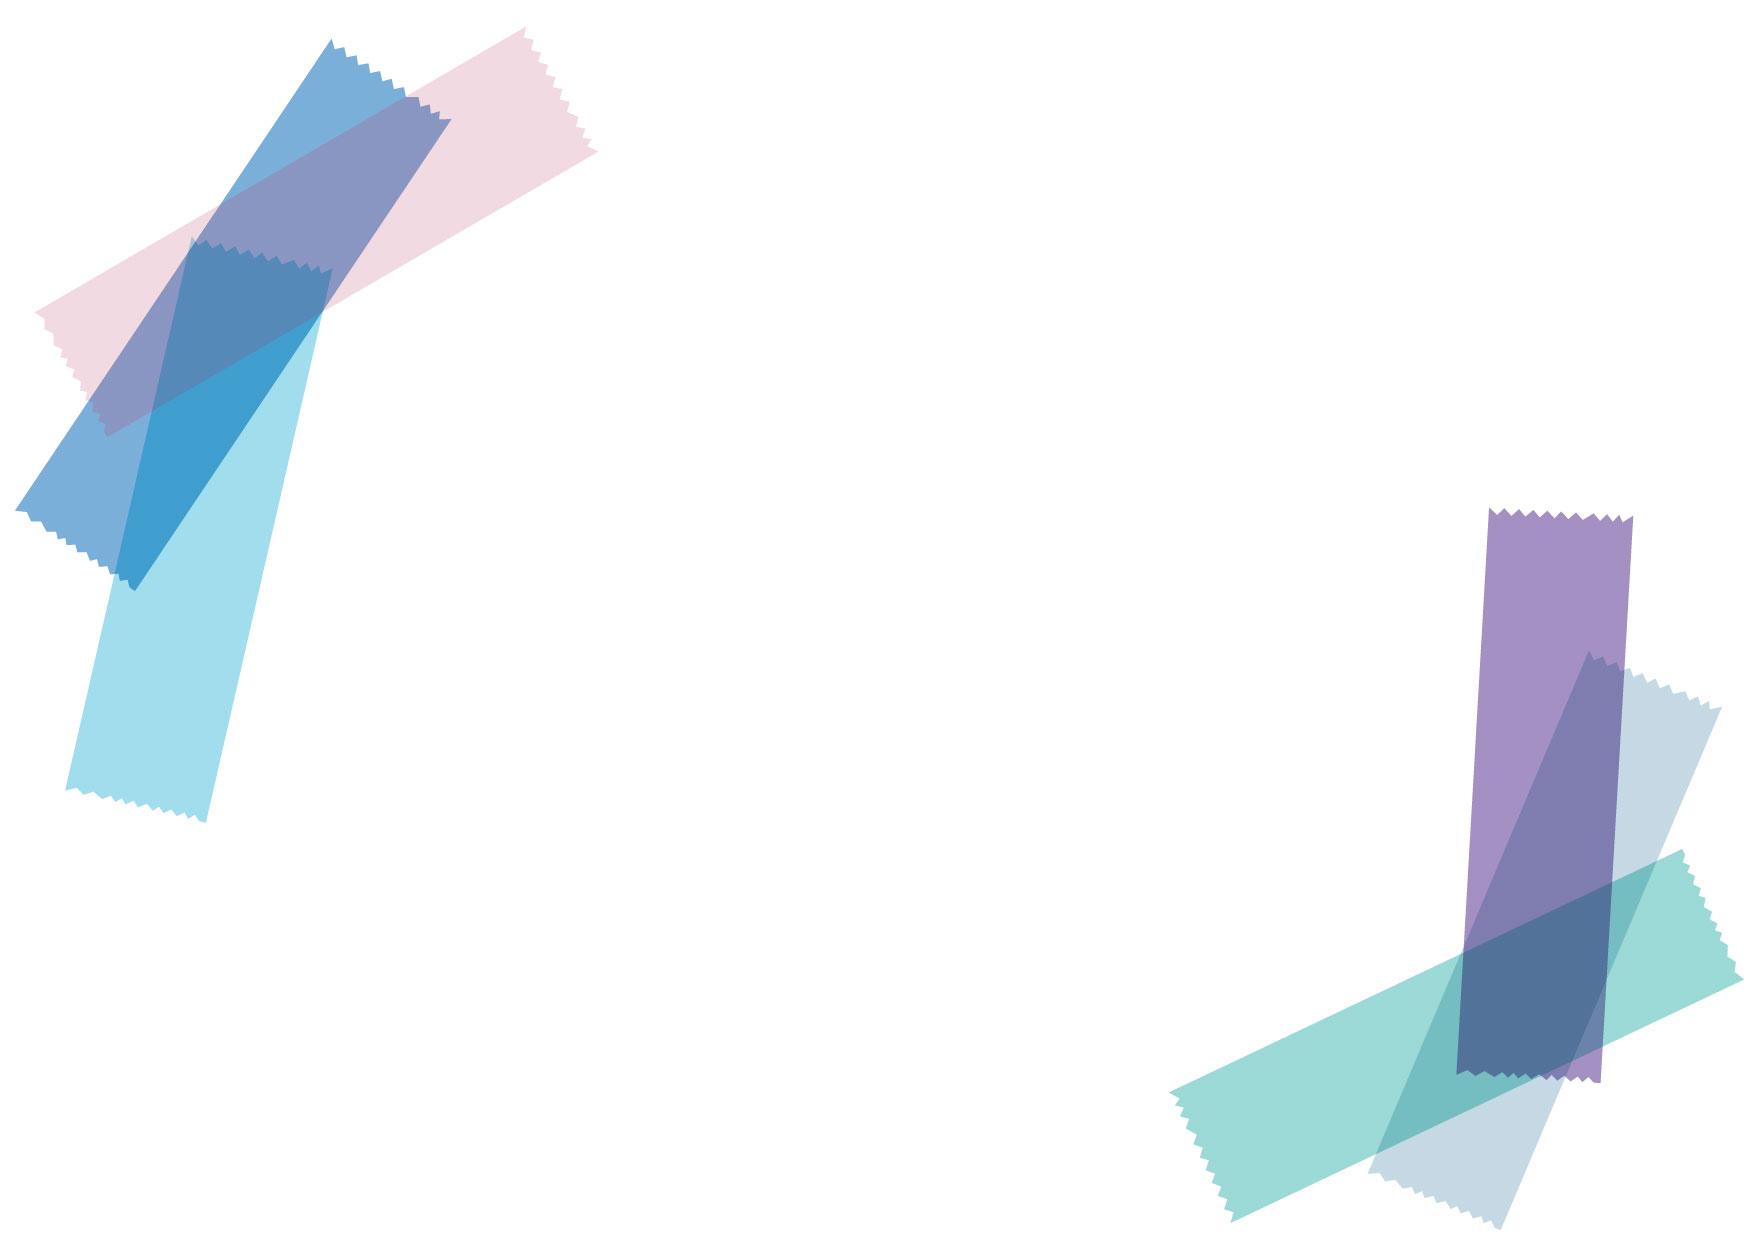 可愛いイラスト無料|マスキングテープ ブルー 背景 − free illustration Masking tape blue background